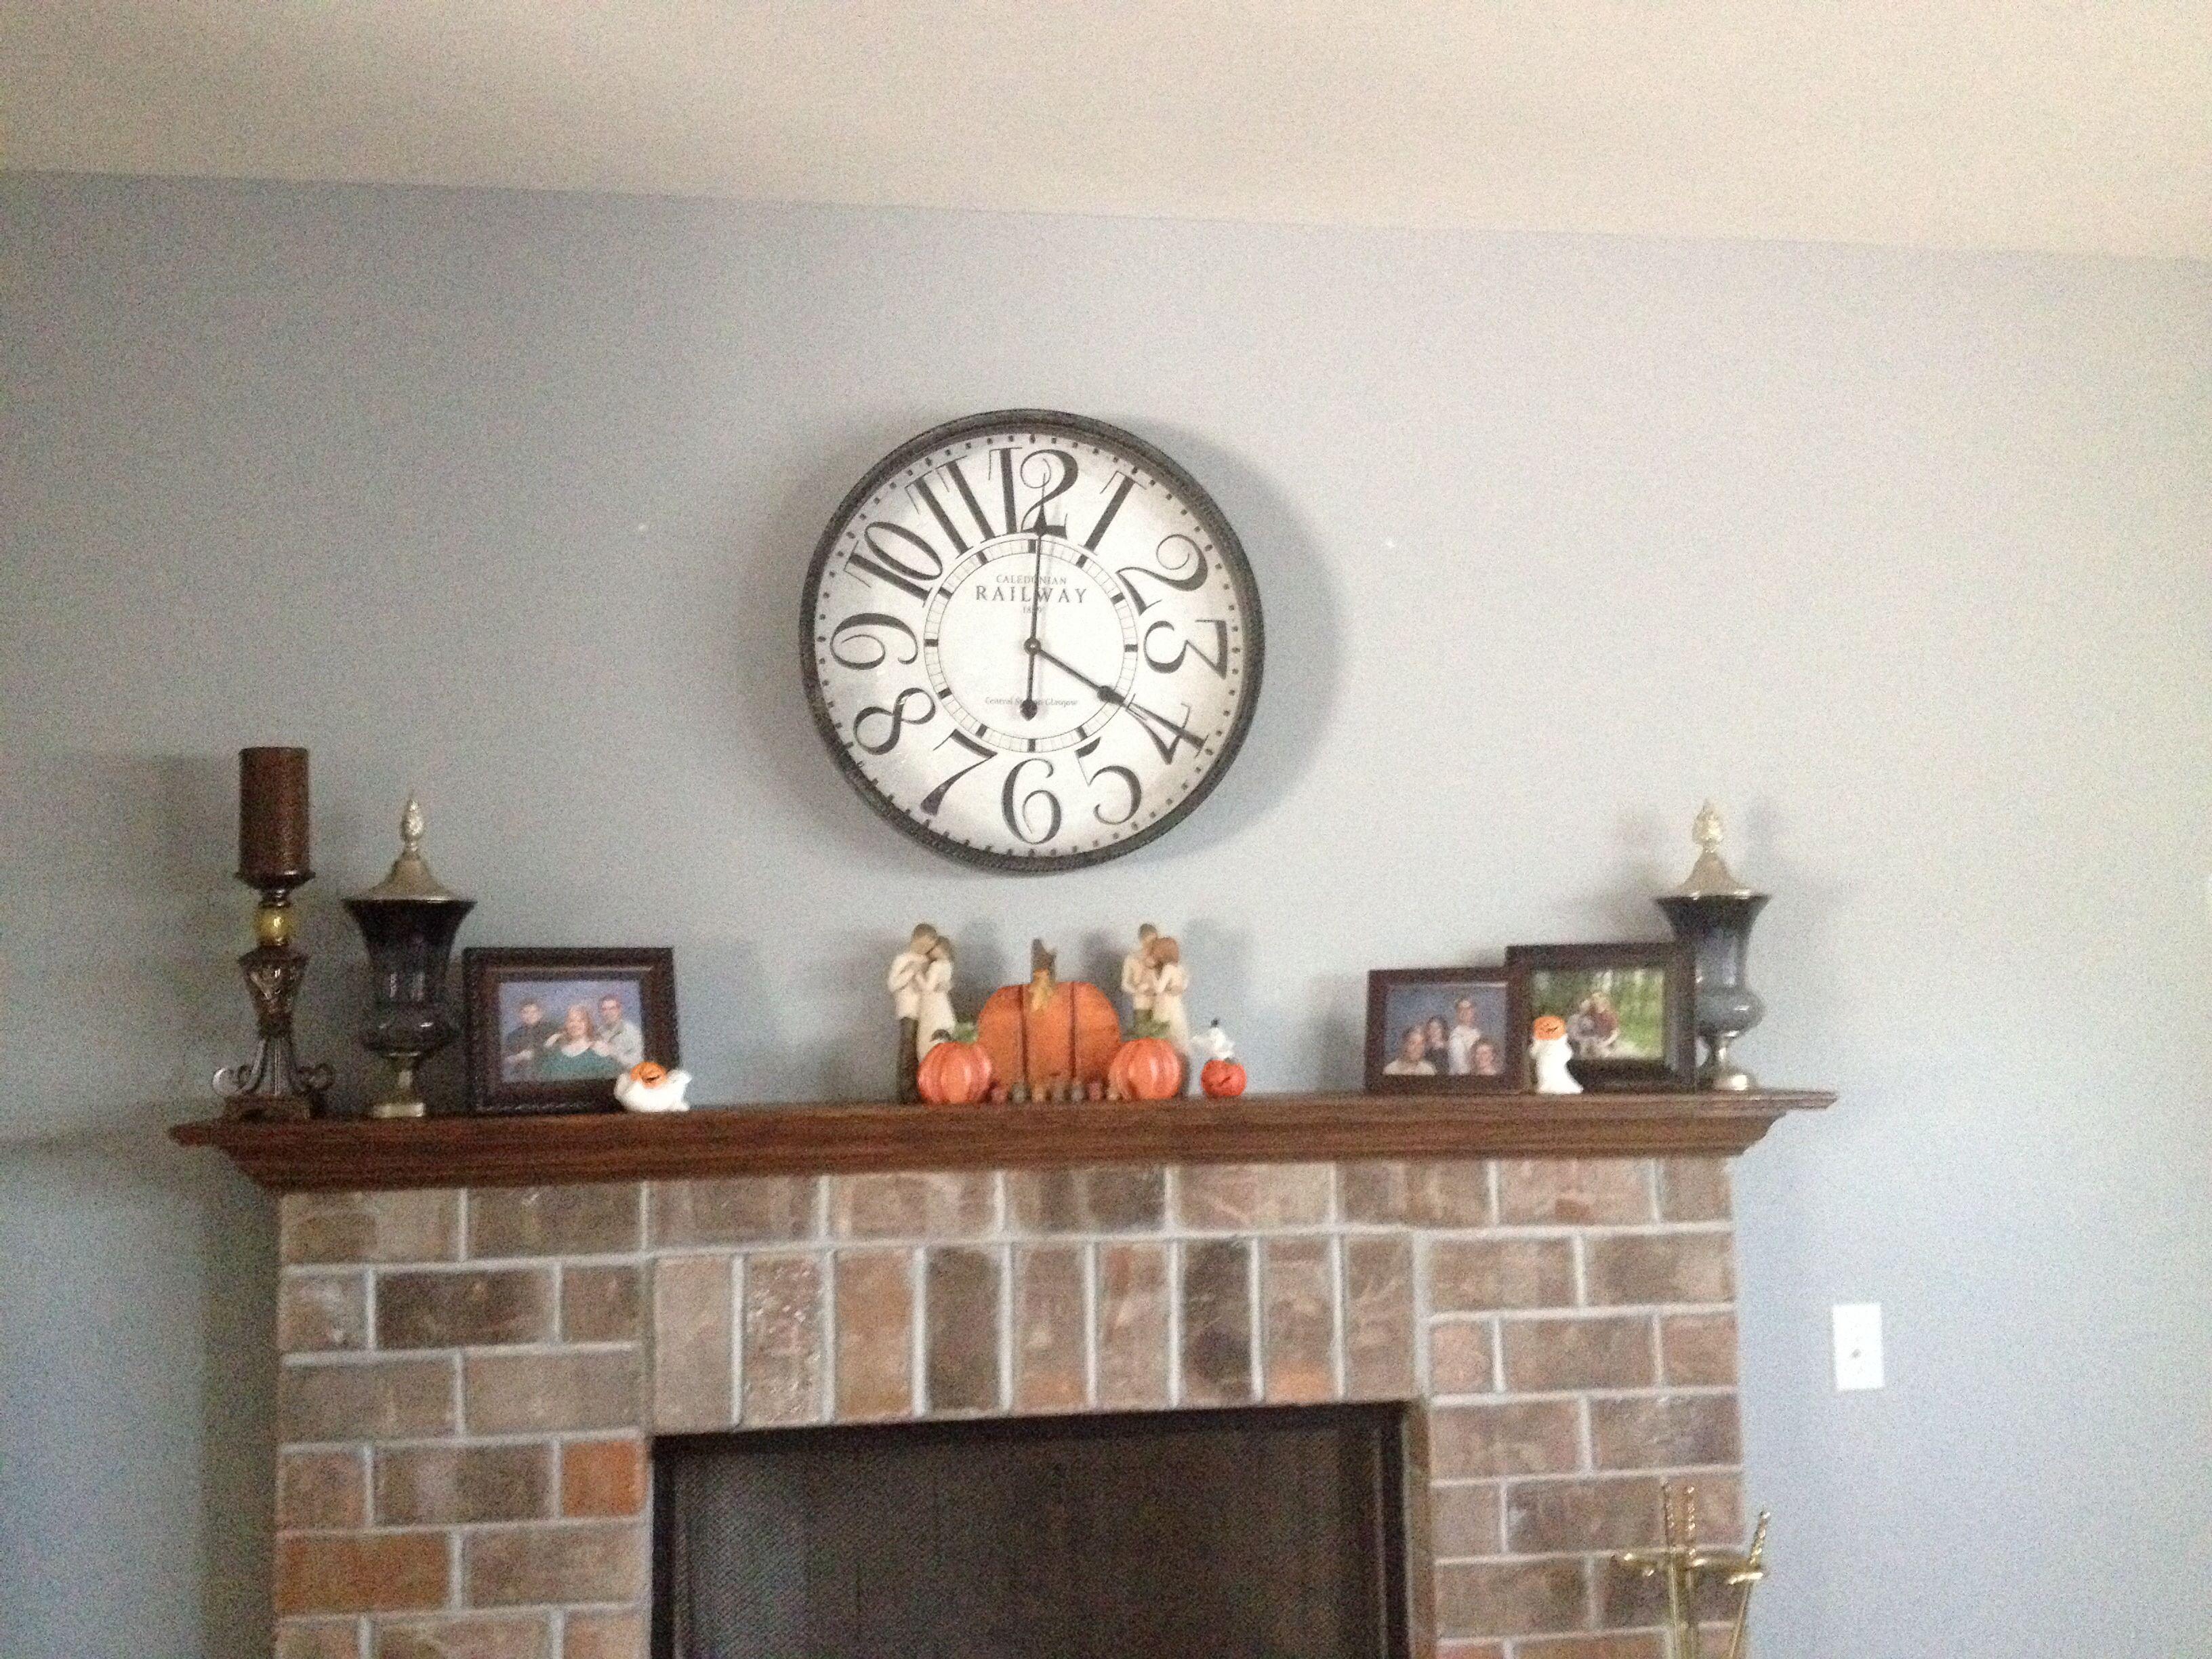 New Wall Clock From Hobby Lobby Home Decor Inspiration